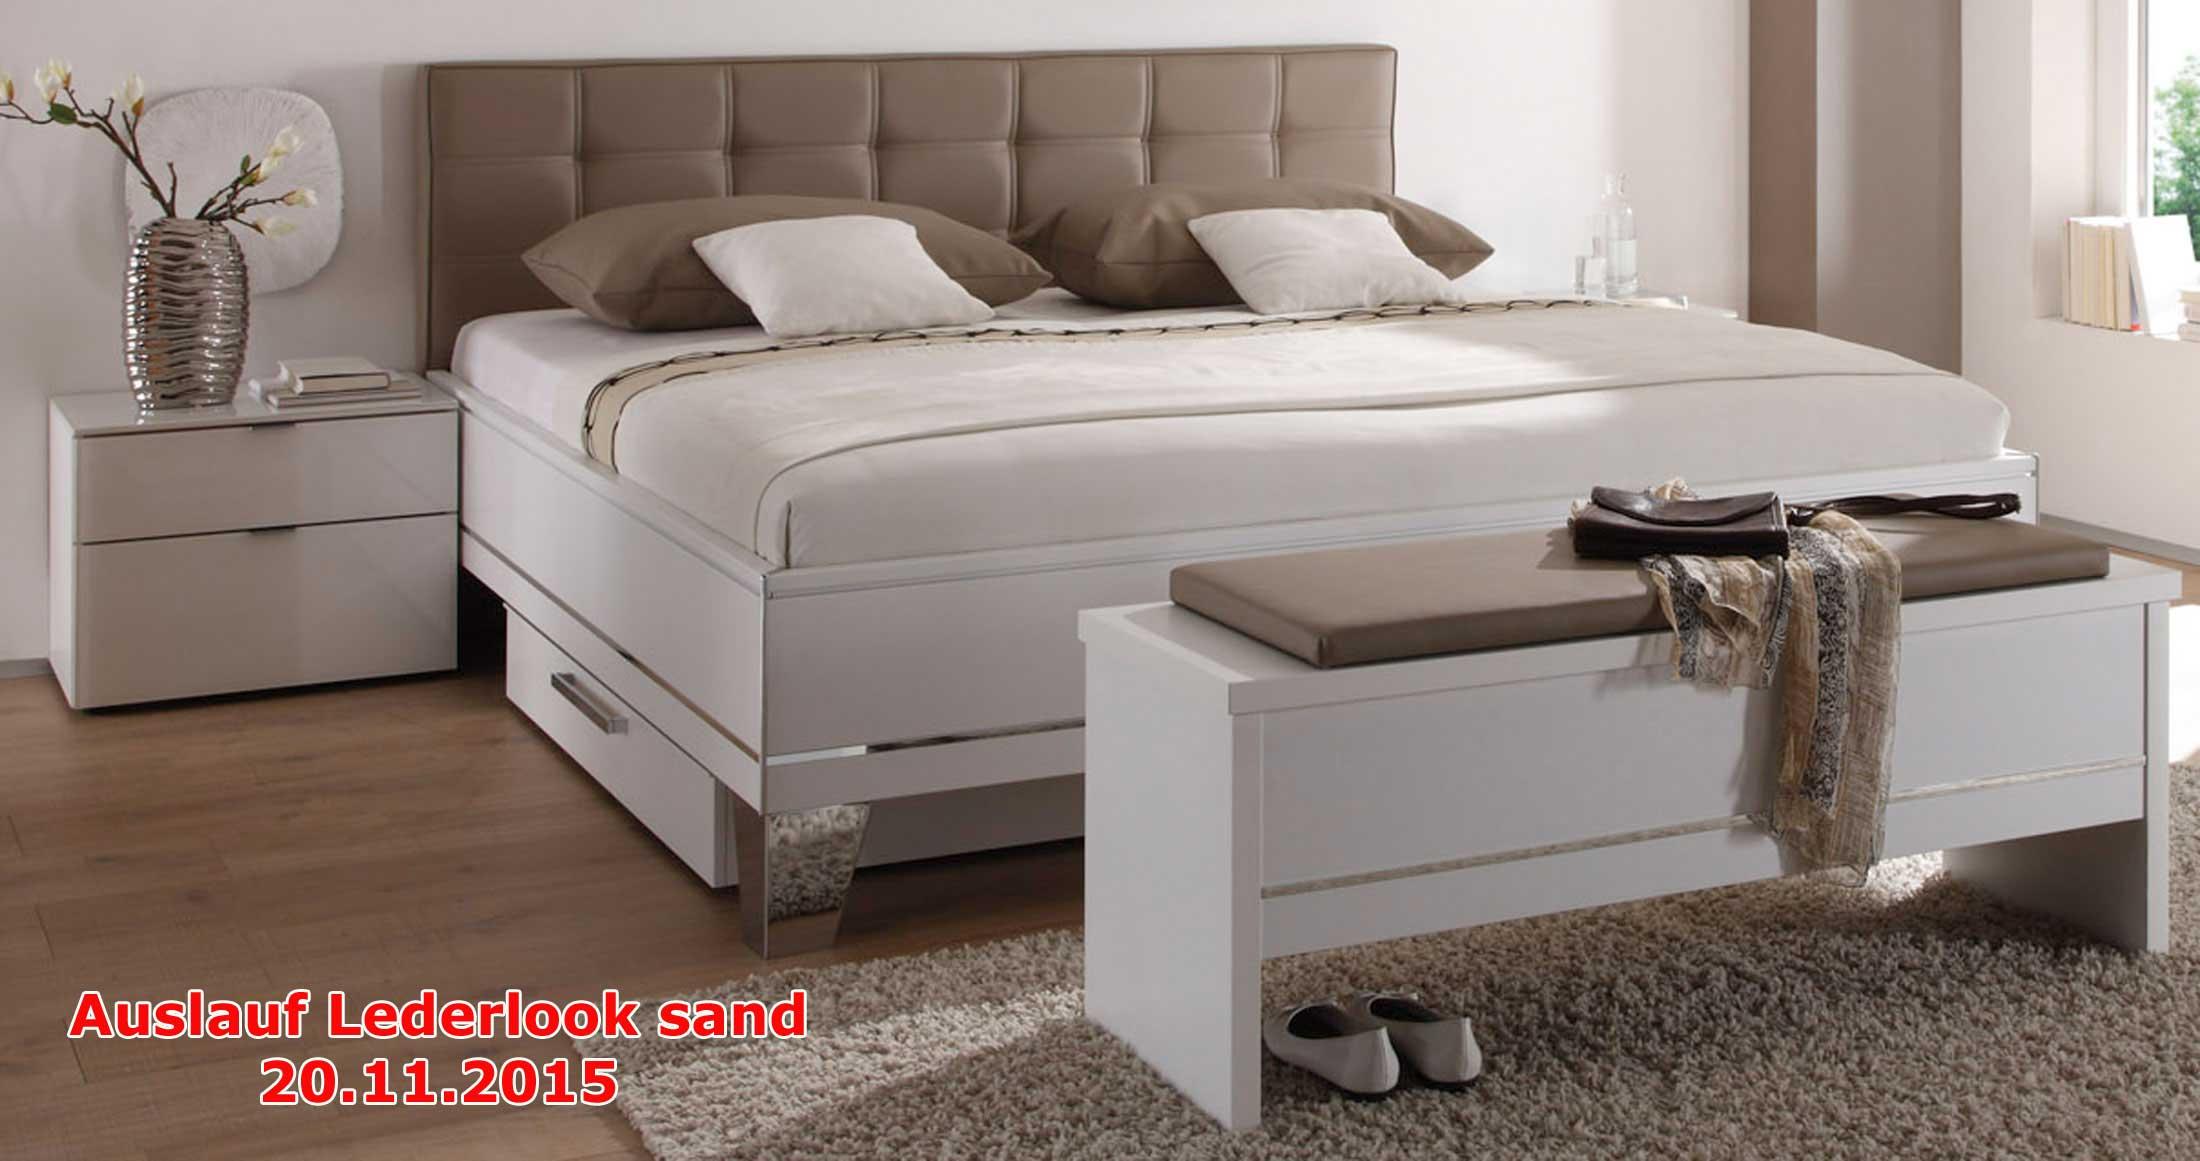 Full Size of Bett 200x200 Komforthöhe Schlafzimmer Rattanbett Weiß 140x200 Schrank Podest Eiche Massiv 180x200 Meise Betten Krankenhaus Kaufen Aus Paletten Bette Bett Bett 200x200 Komforthöhe